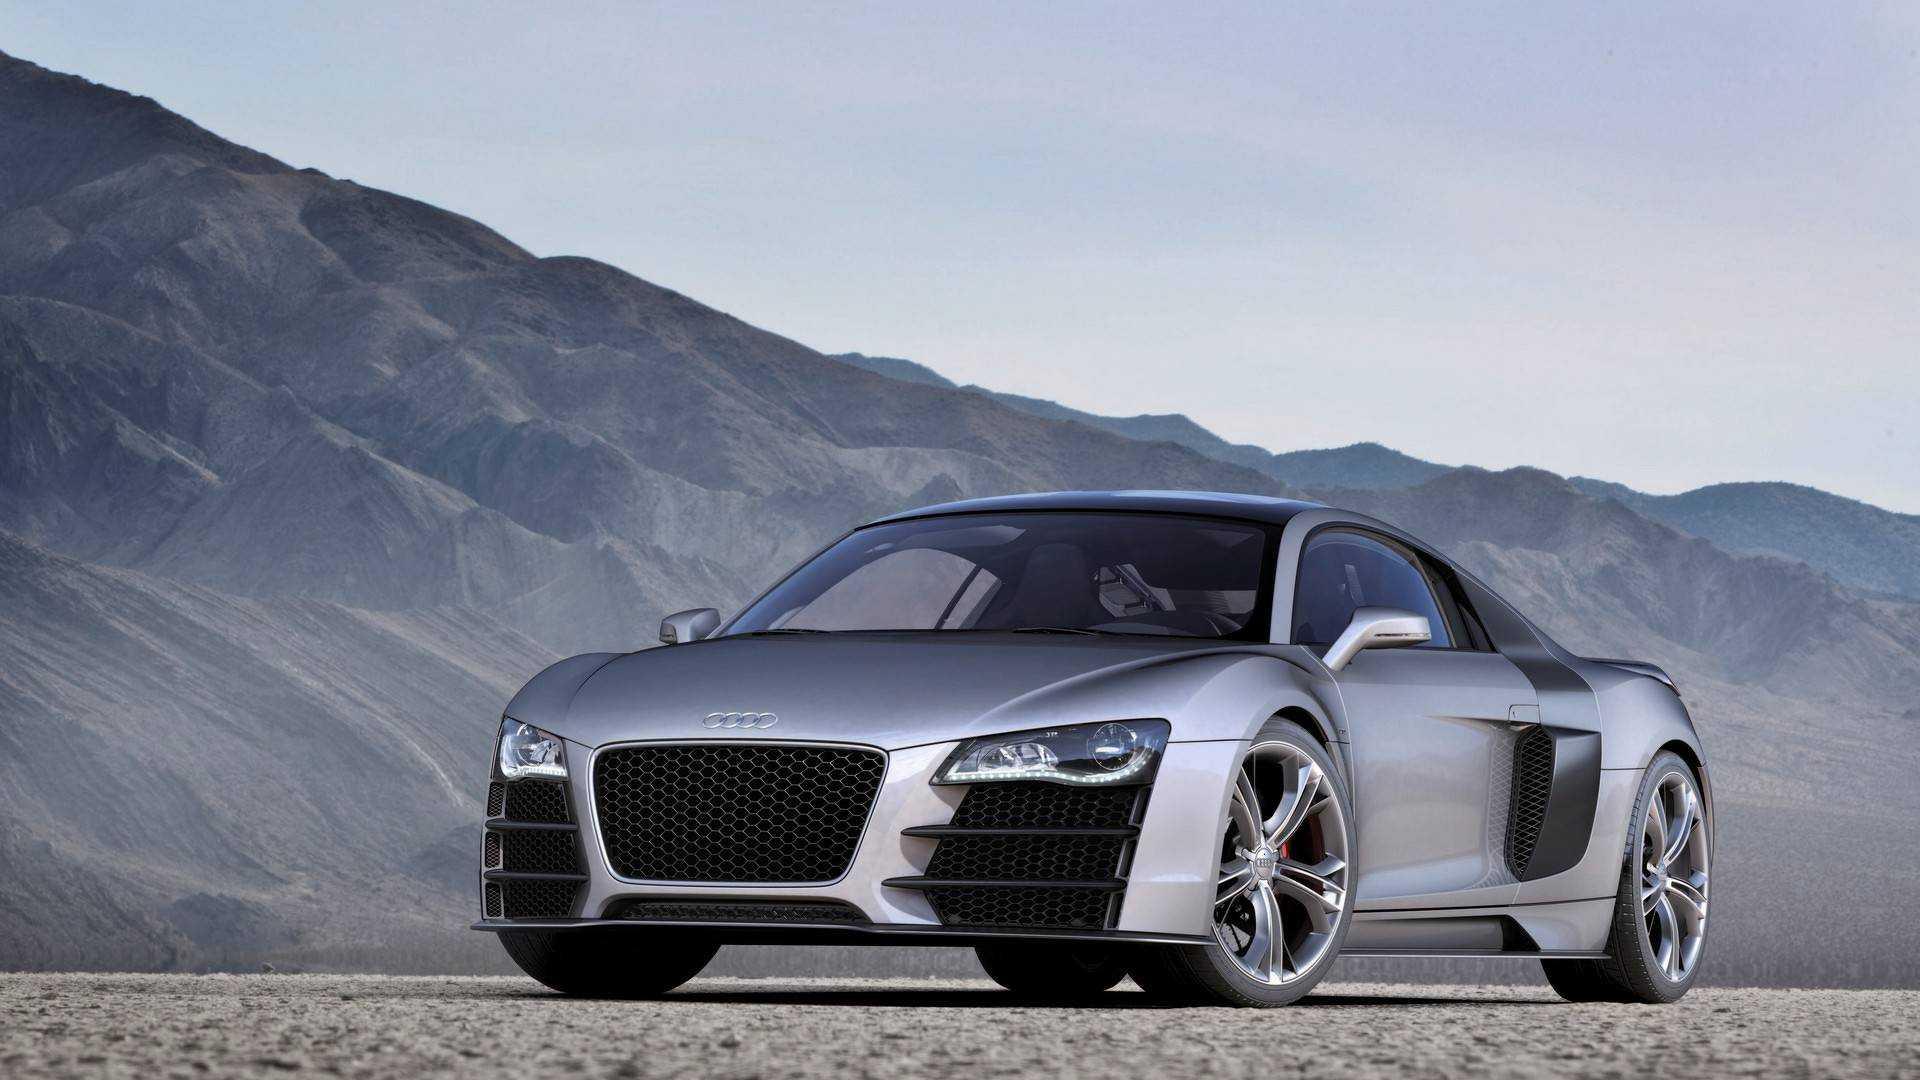 Kekurangan Audi R8 Diesel Harga